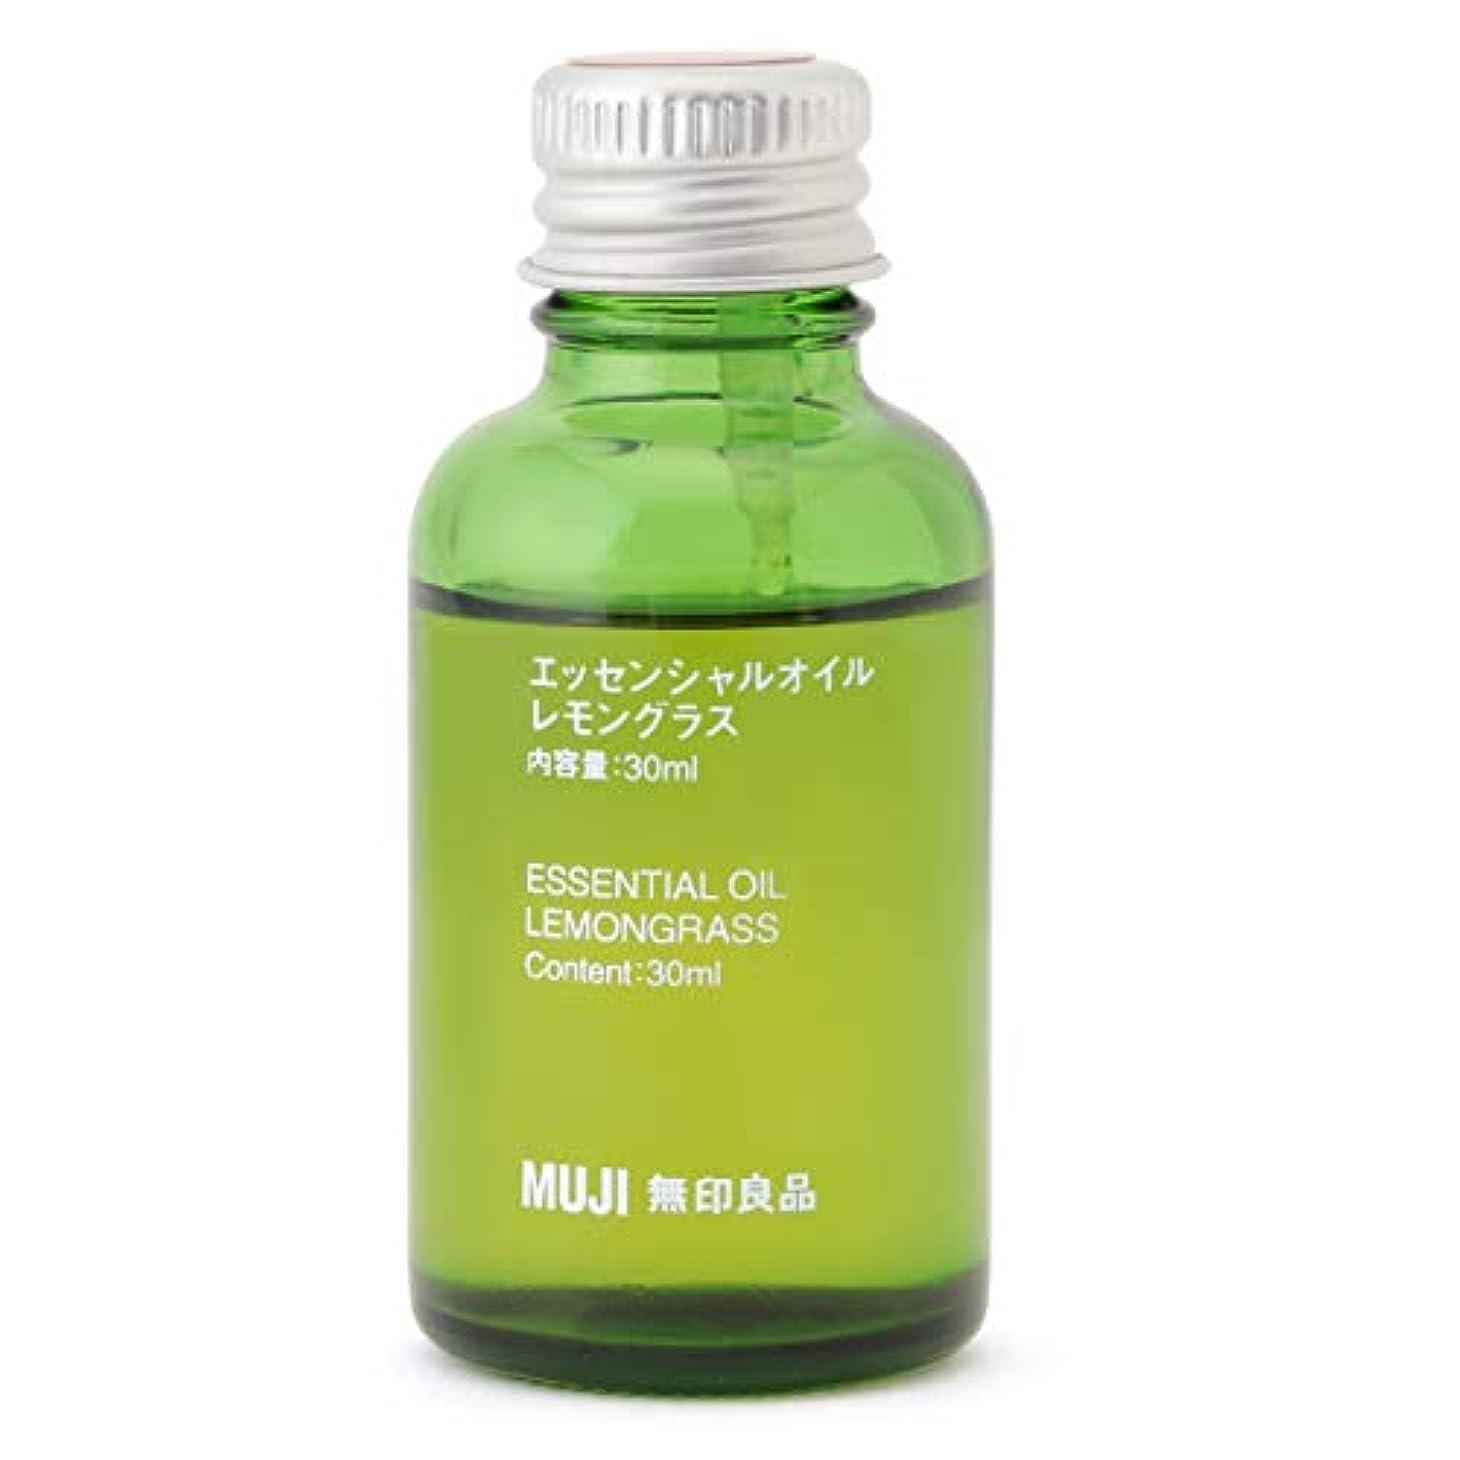 全体にシリング行商【無印良品】エッセンシャルオイル30ml(レモングラス)